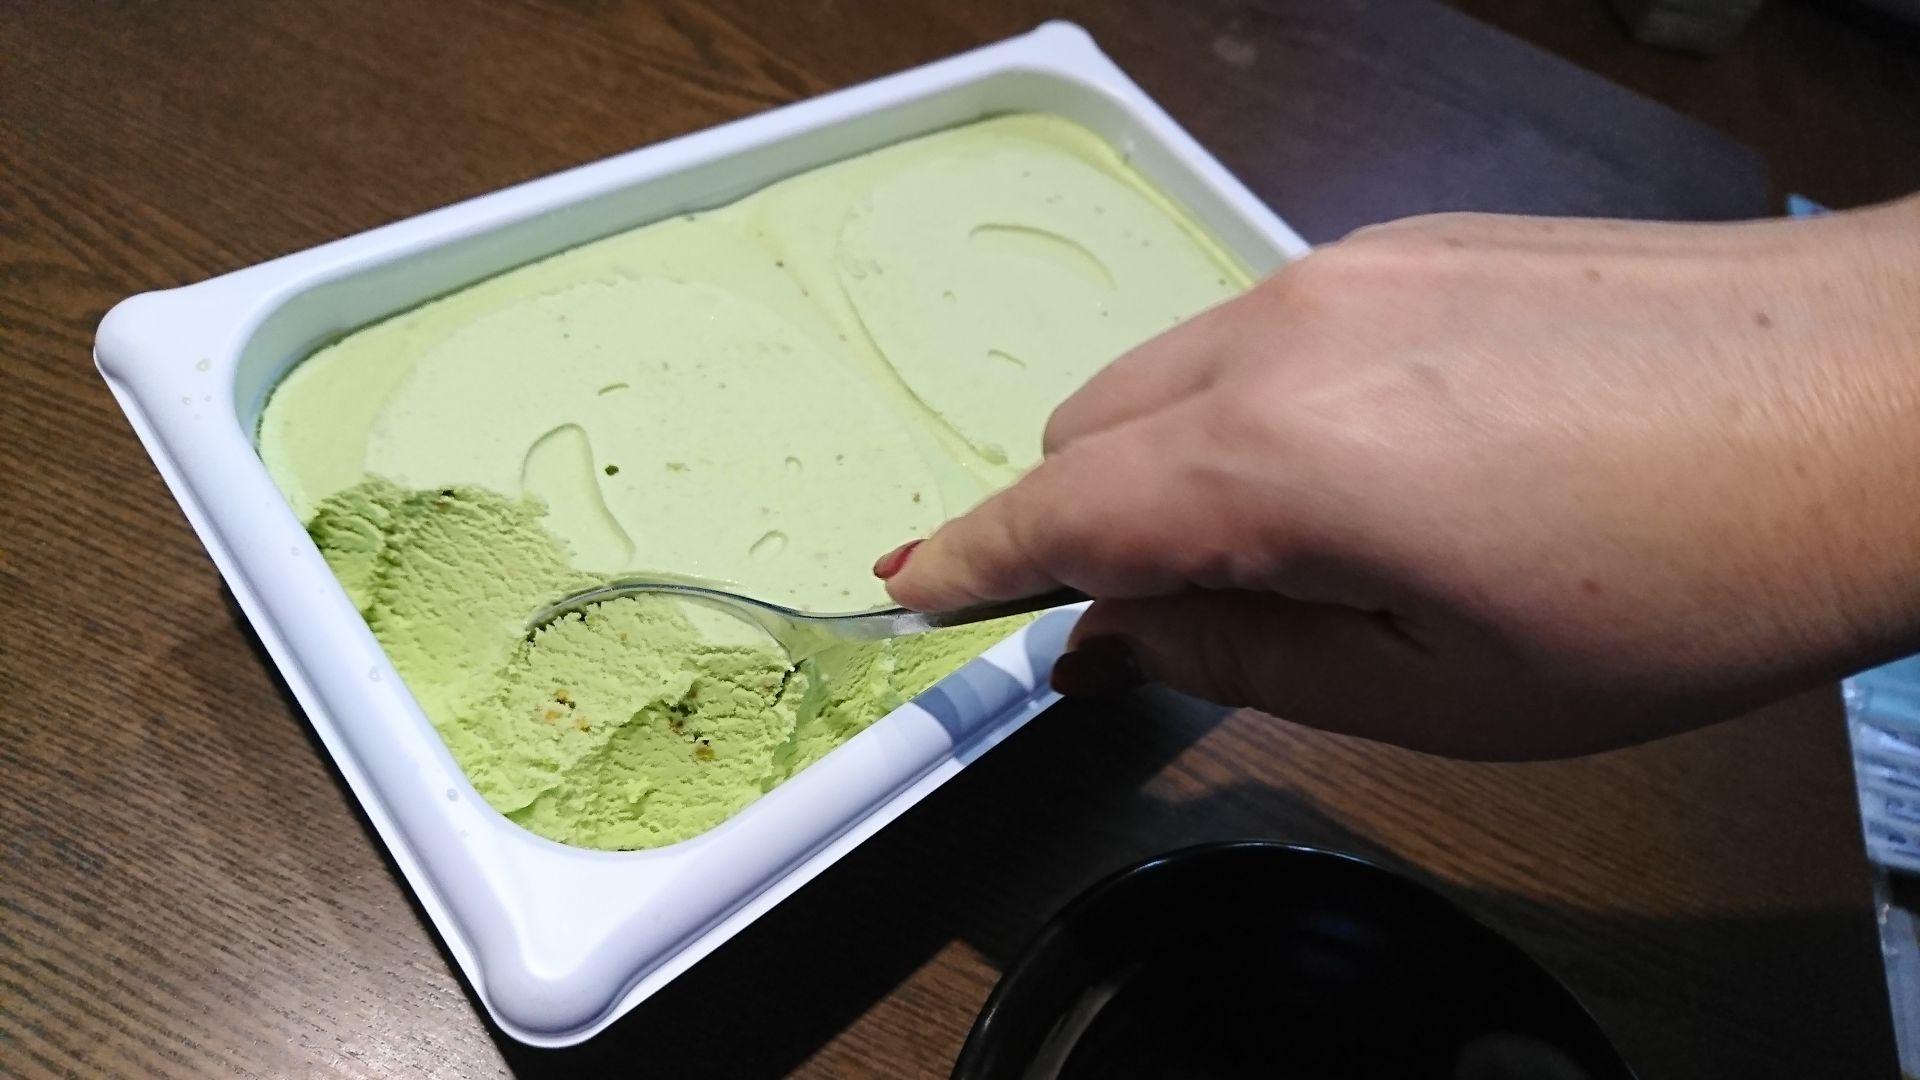 ローストピスタチオアイスクリームを大人買いしたら幸せになった